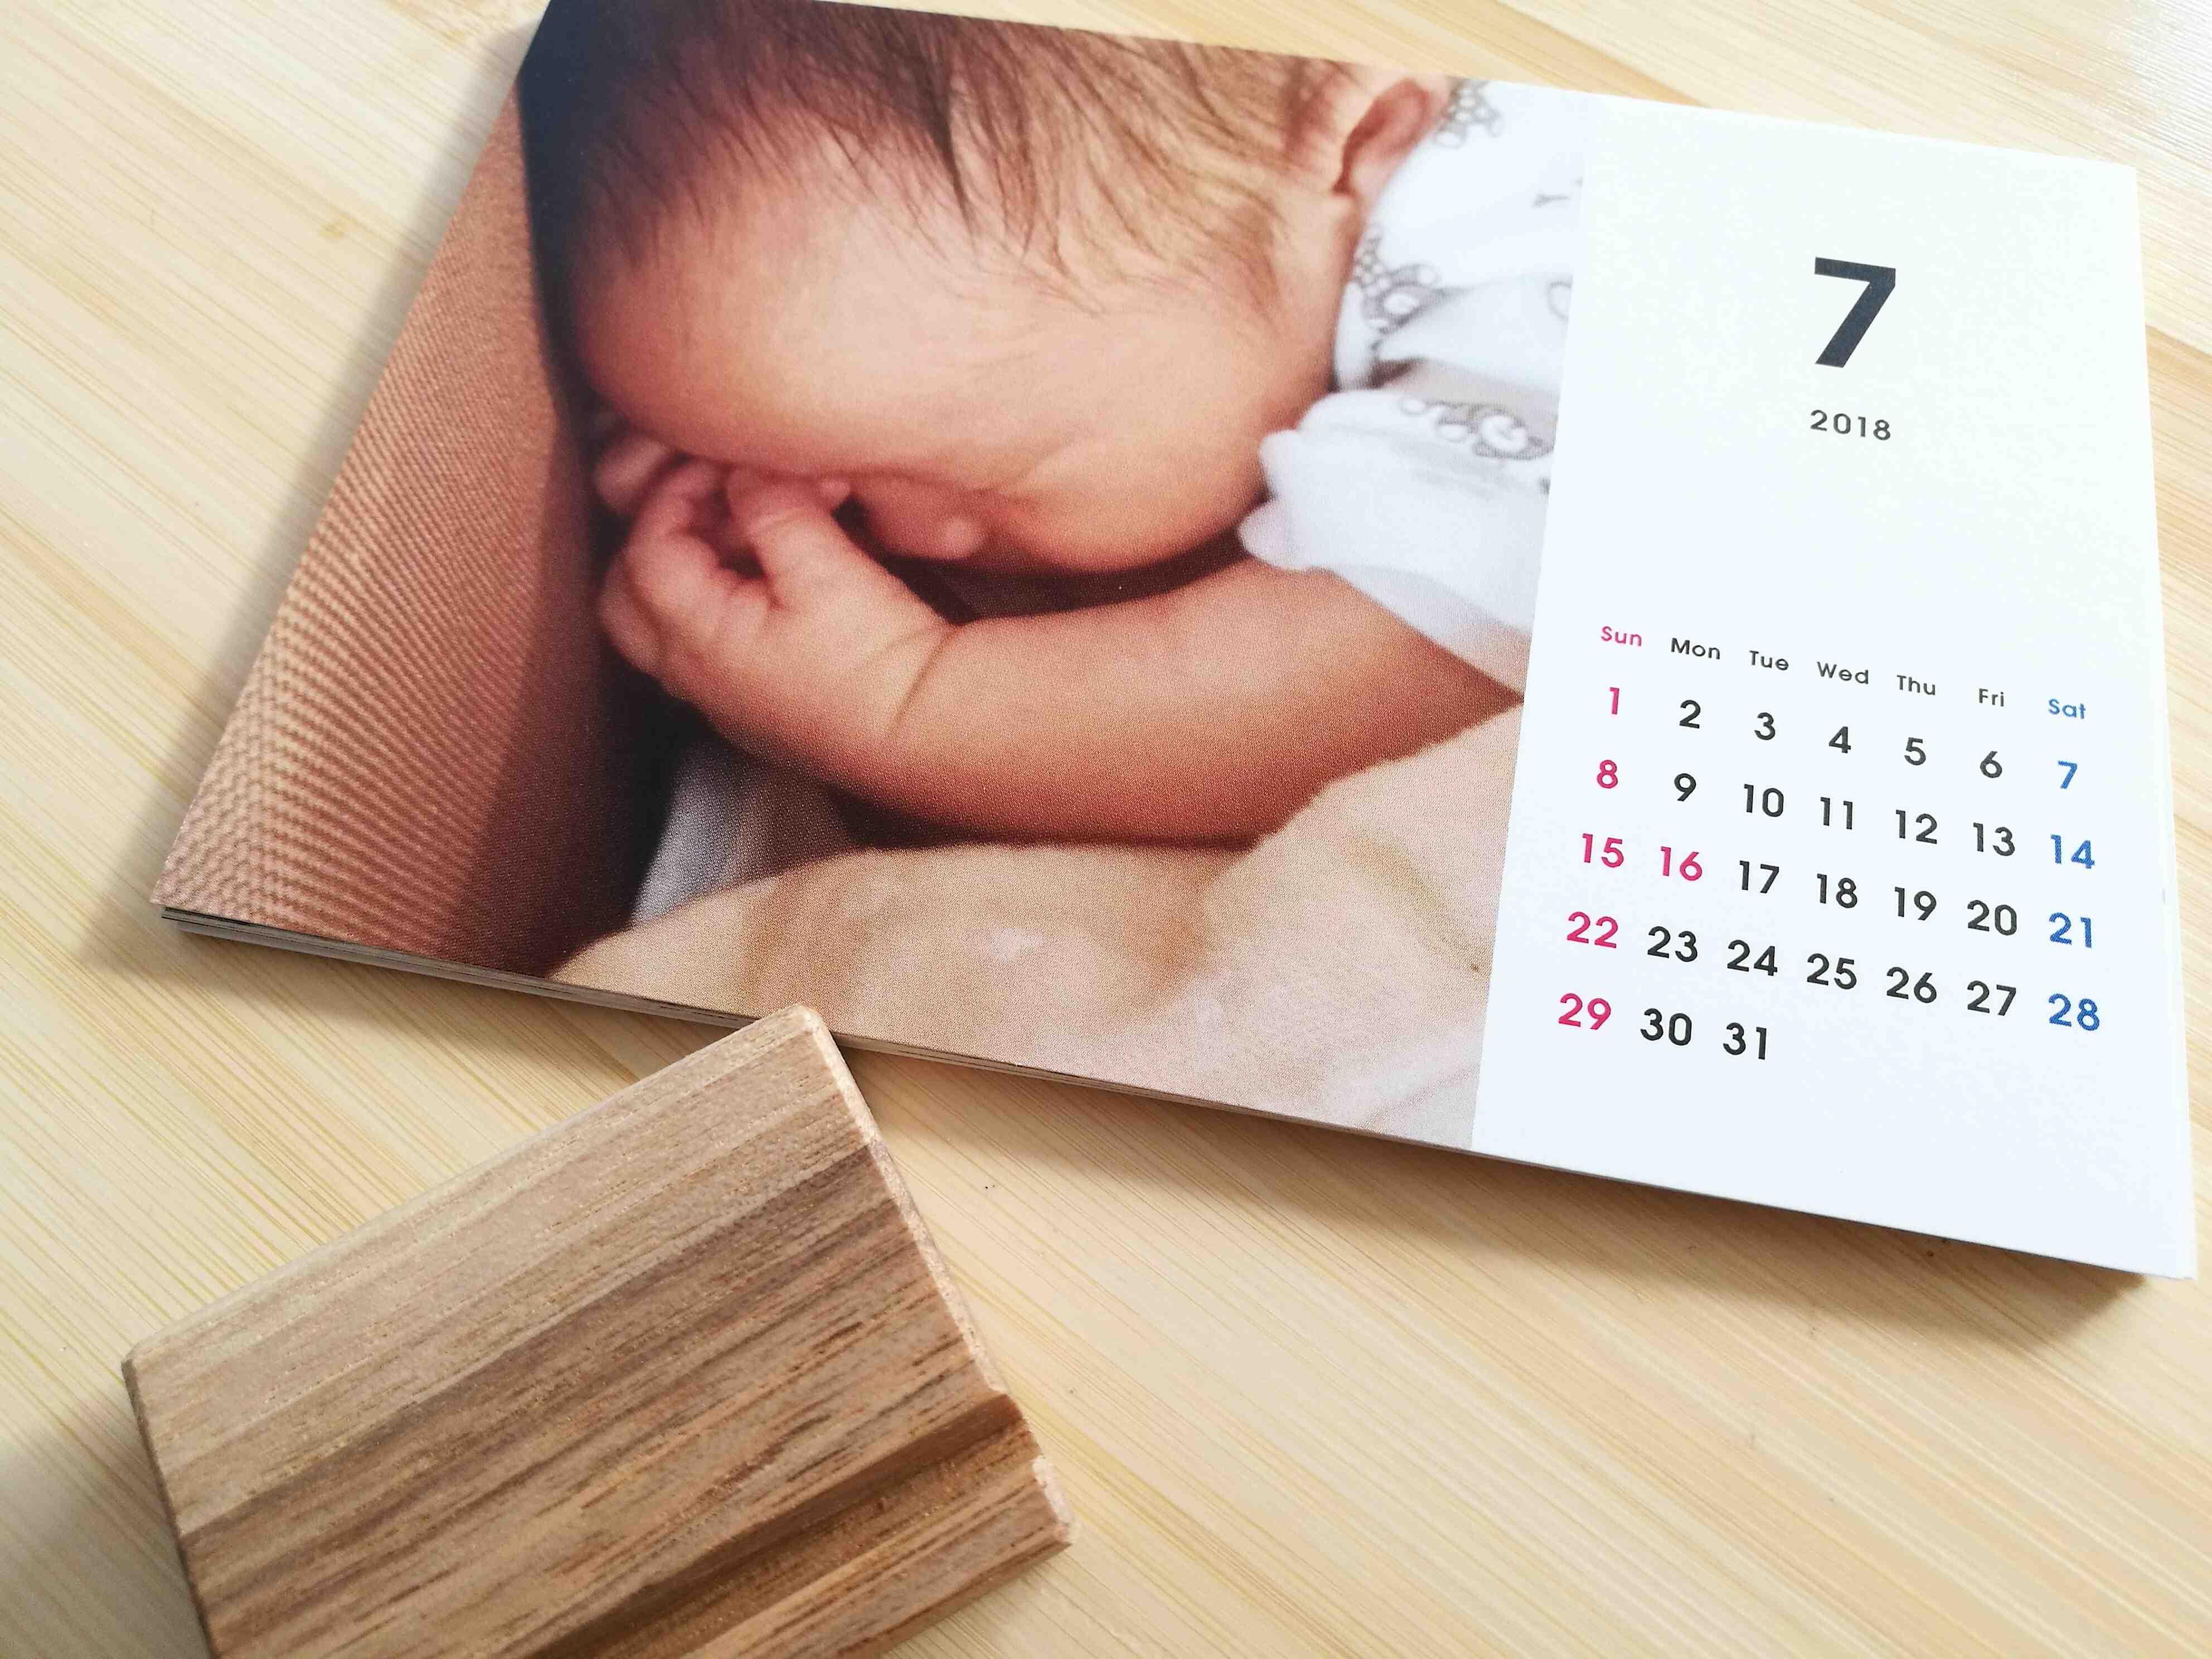 写真付オリジナルカレンダーは送料込みでワンコインの『TOLOT』で